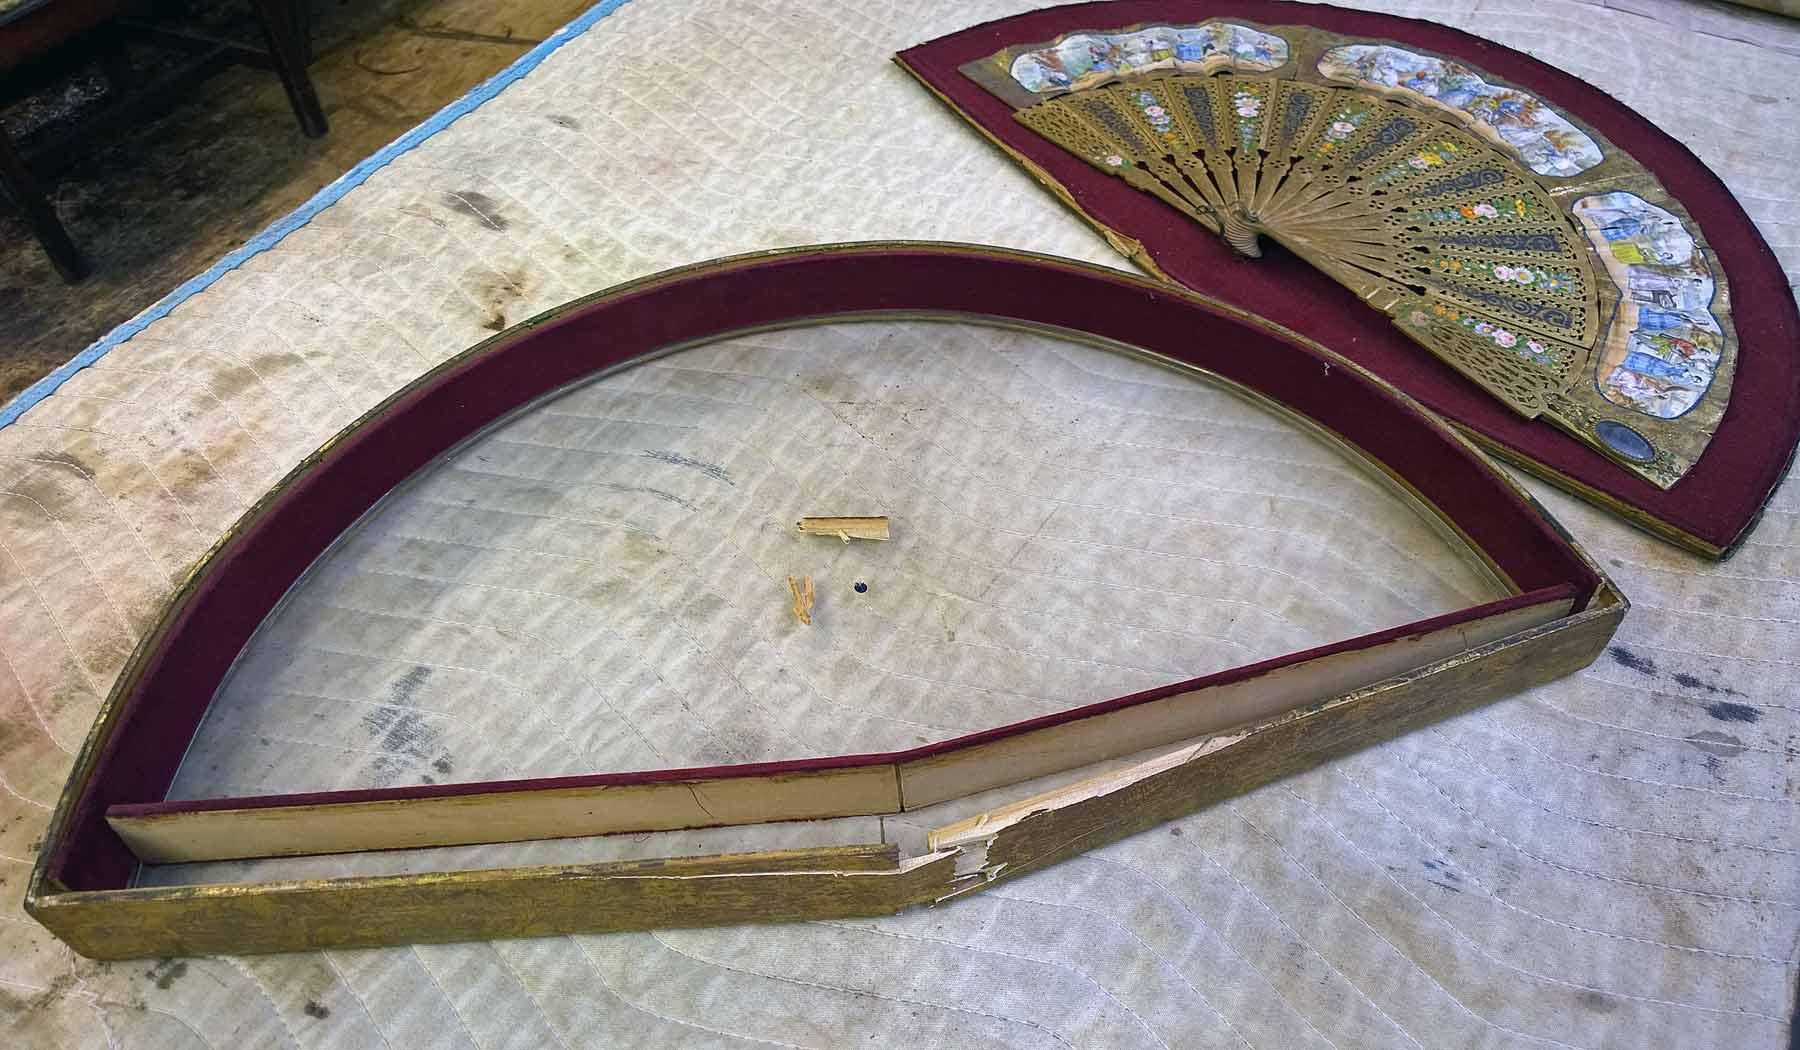 Broken gilt frame